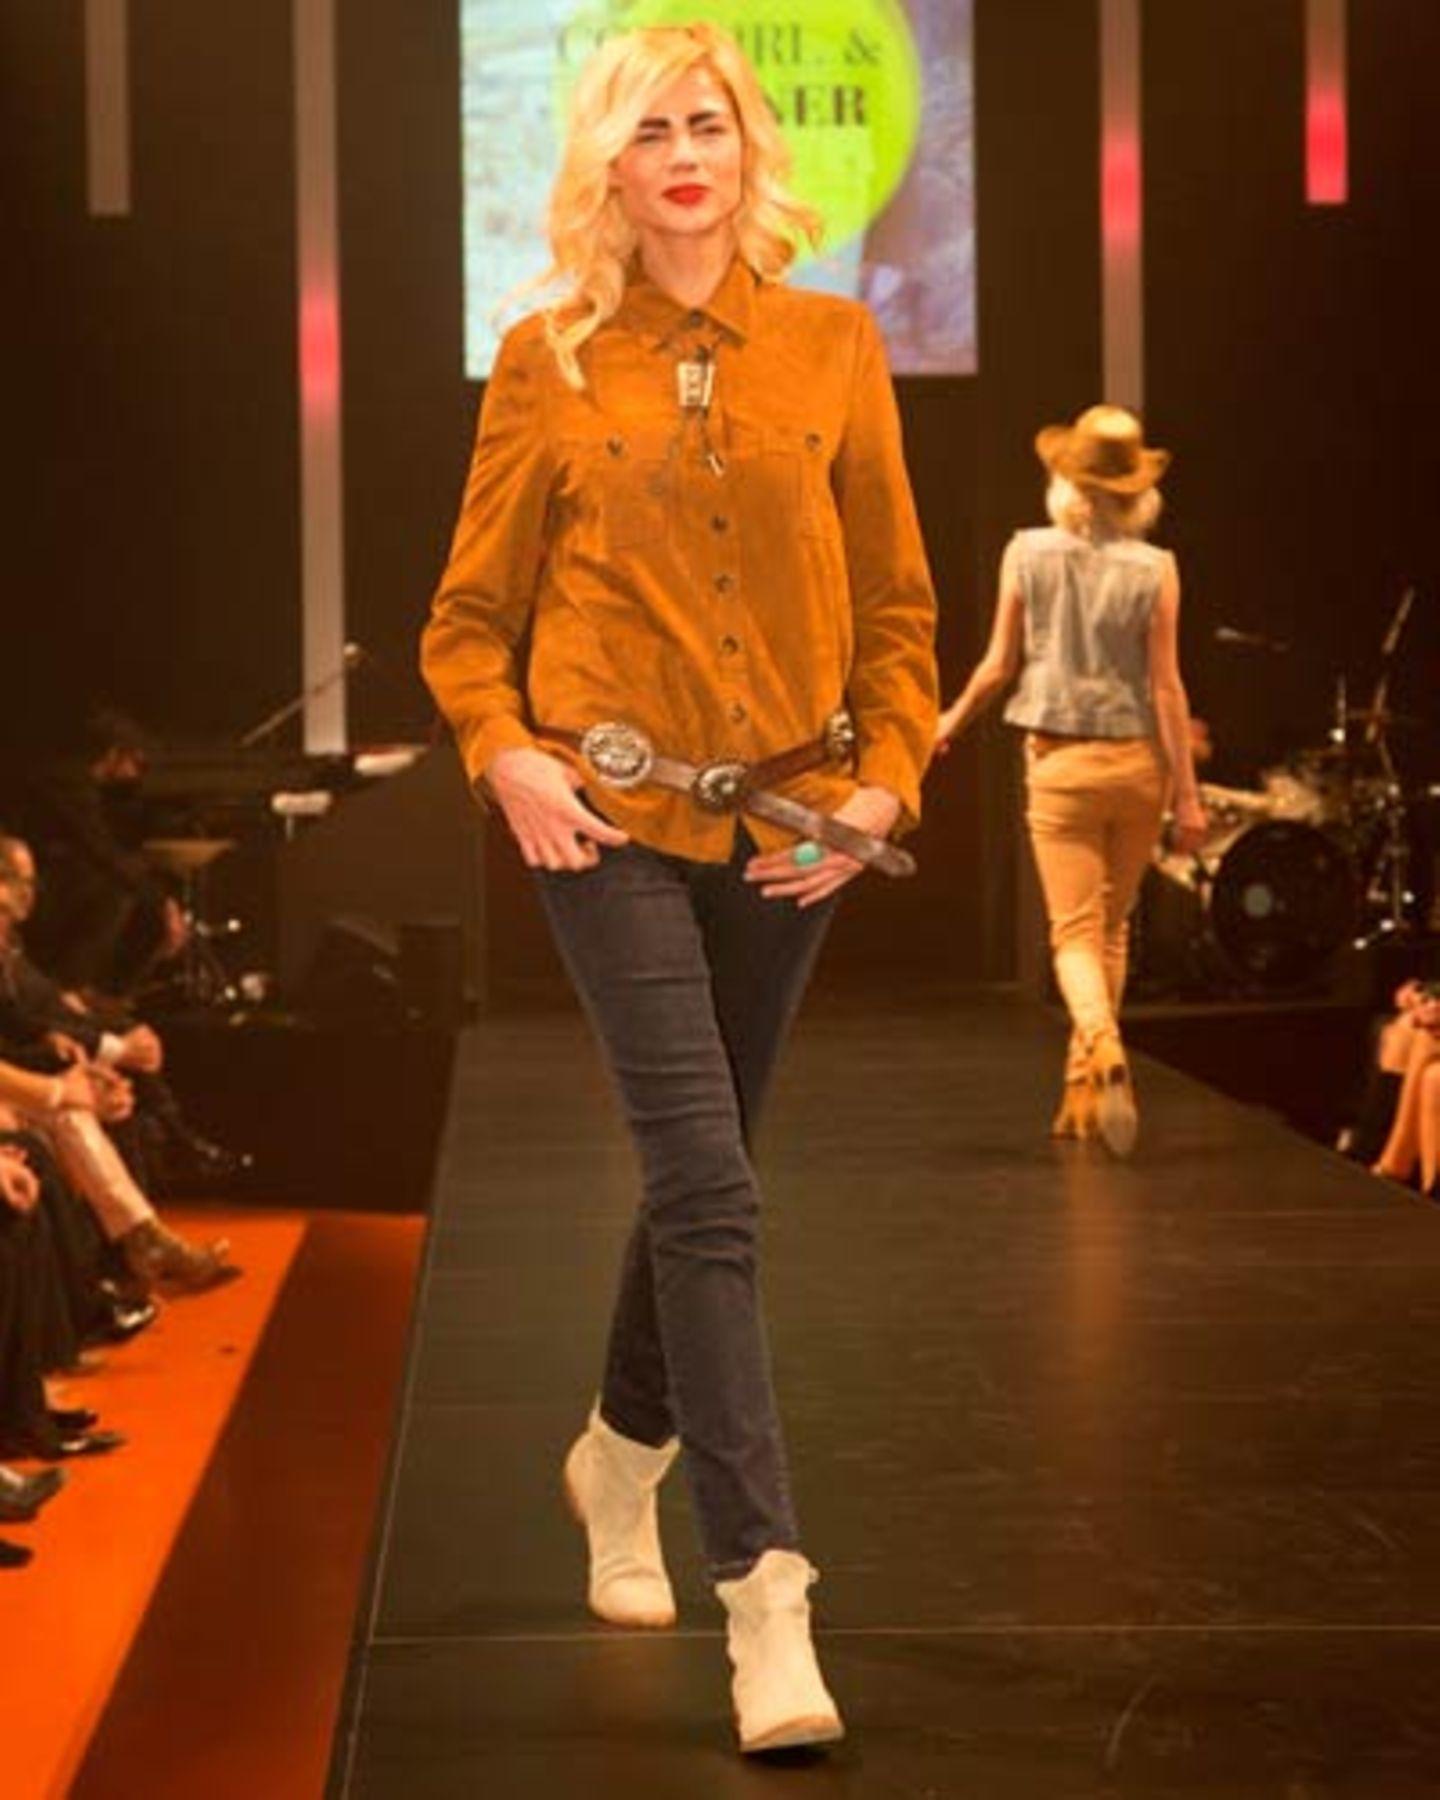 Die Jeans ist von Angels, das Hemd von Hauber. Schuhe: Högl. Schmuck: Vintage. Gürtel: Riccardo Forconi.